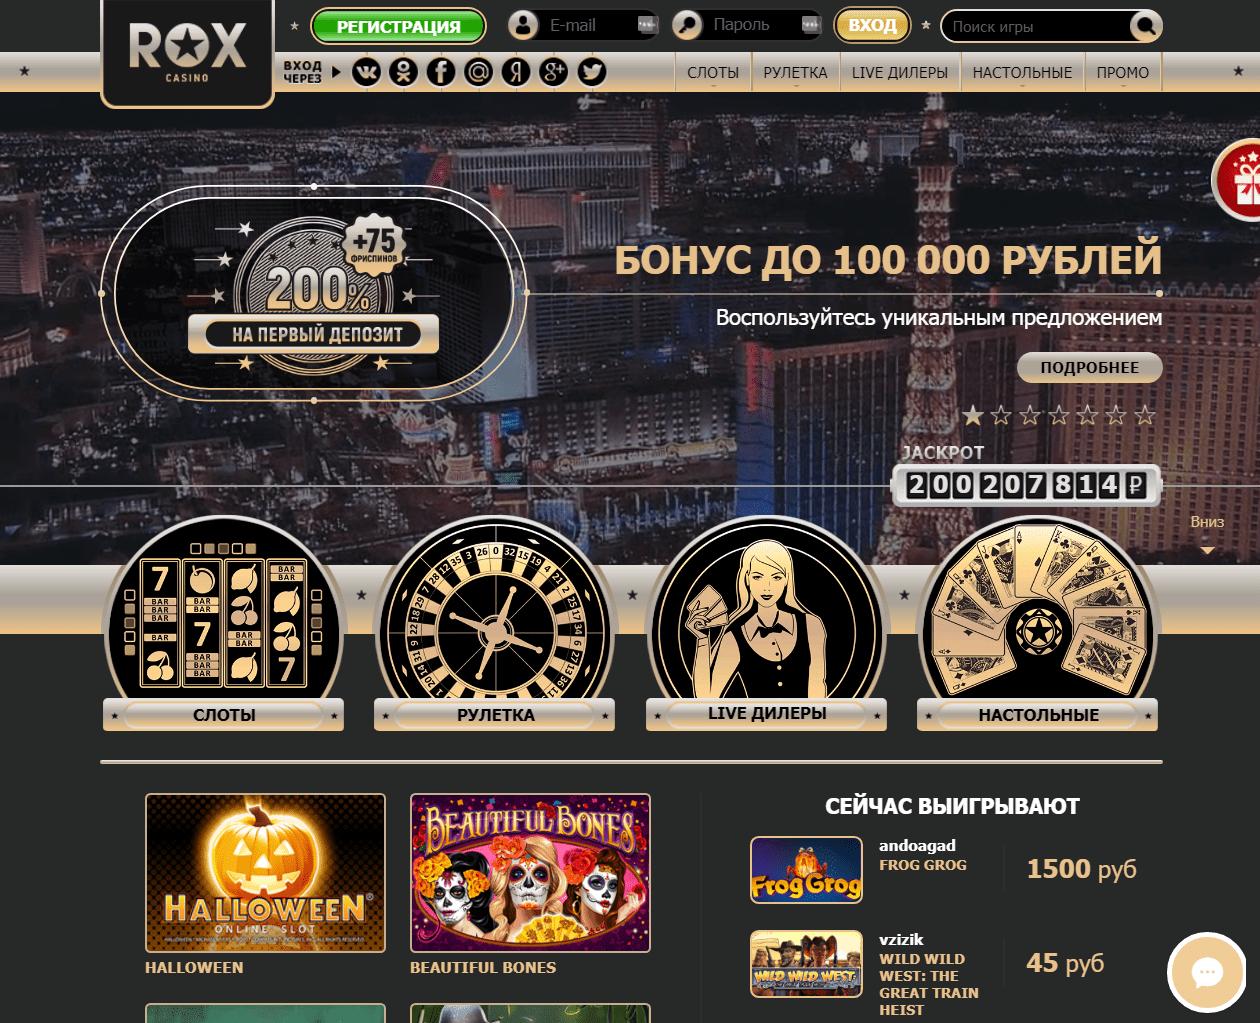 официальный сайт казино rox отзывы новичков